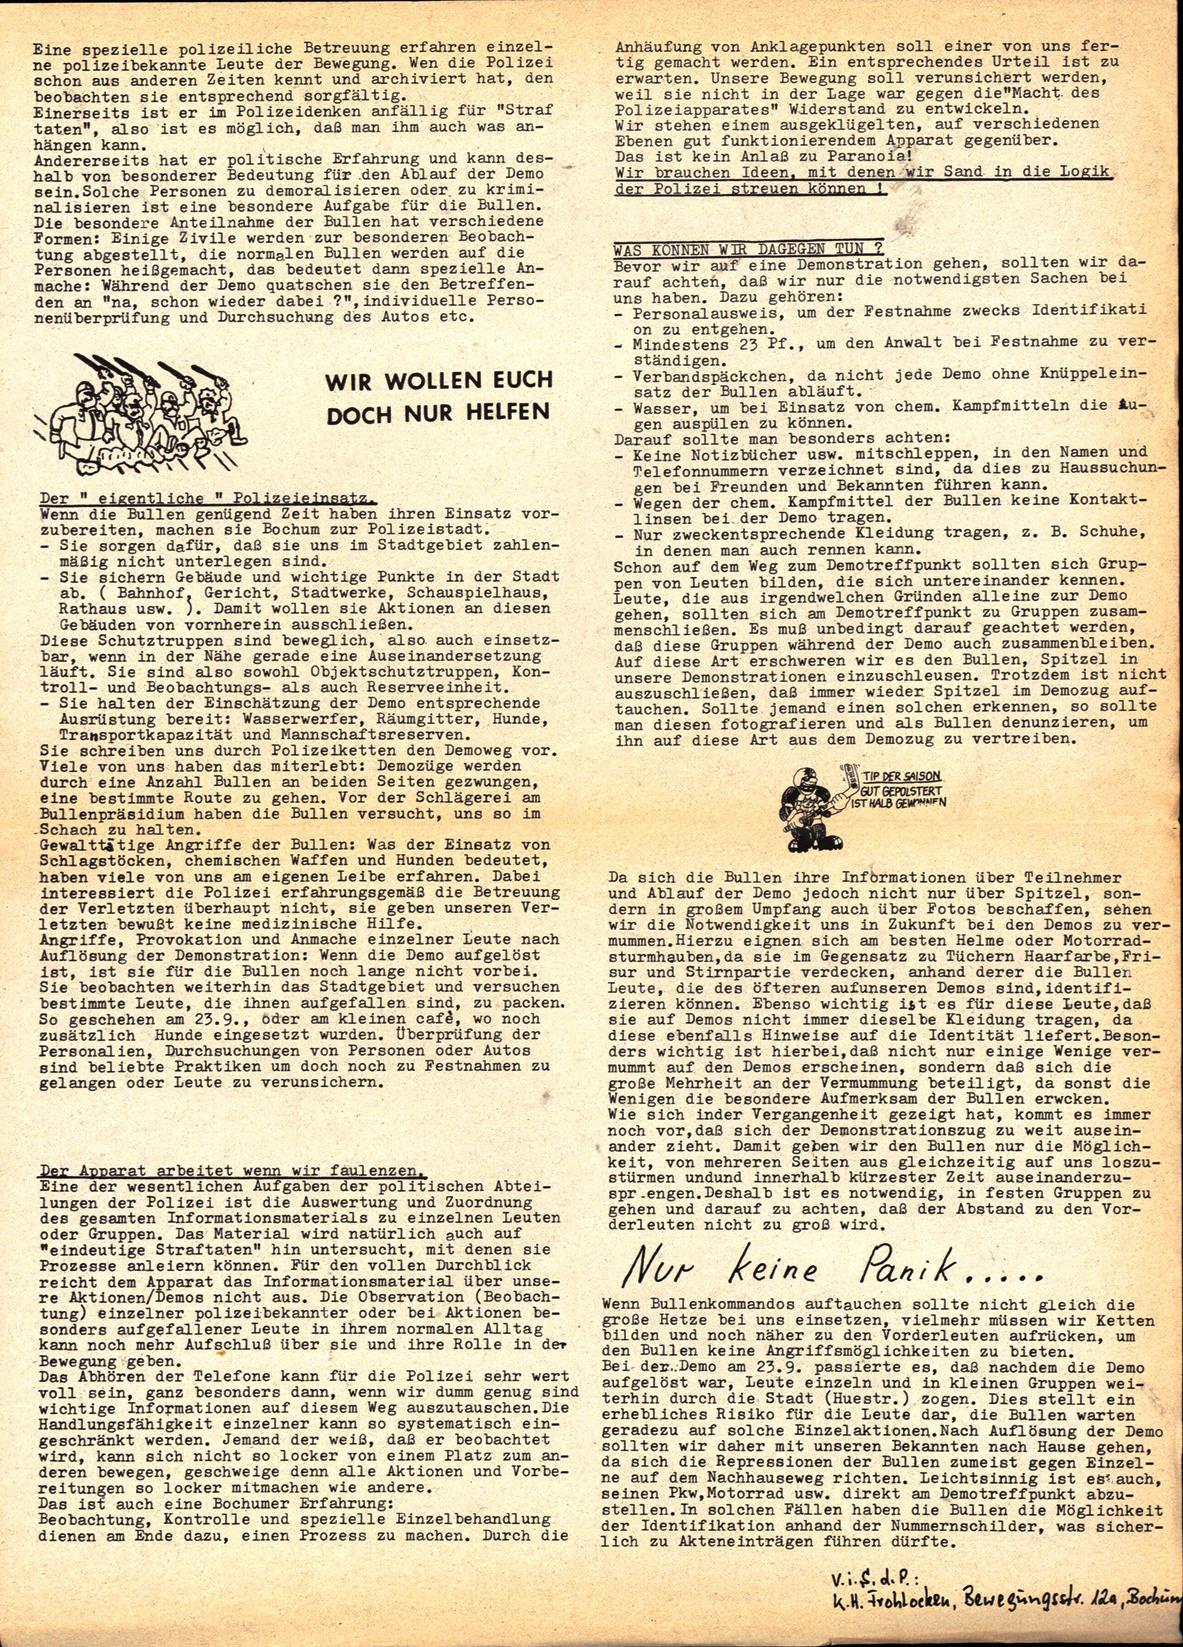 Bochum_Stattblatt_19811000_51_03